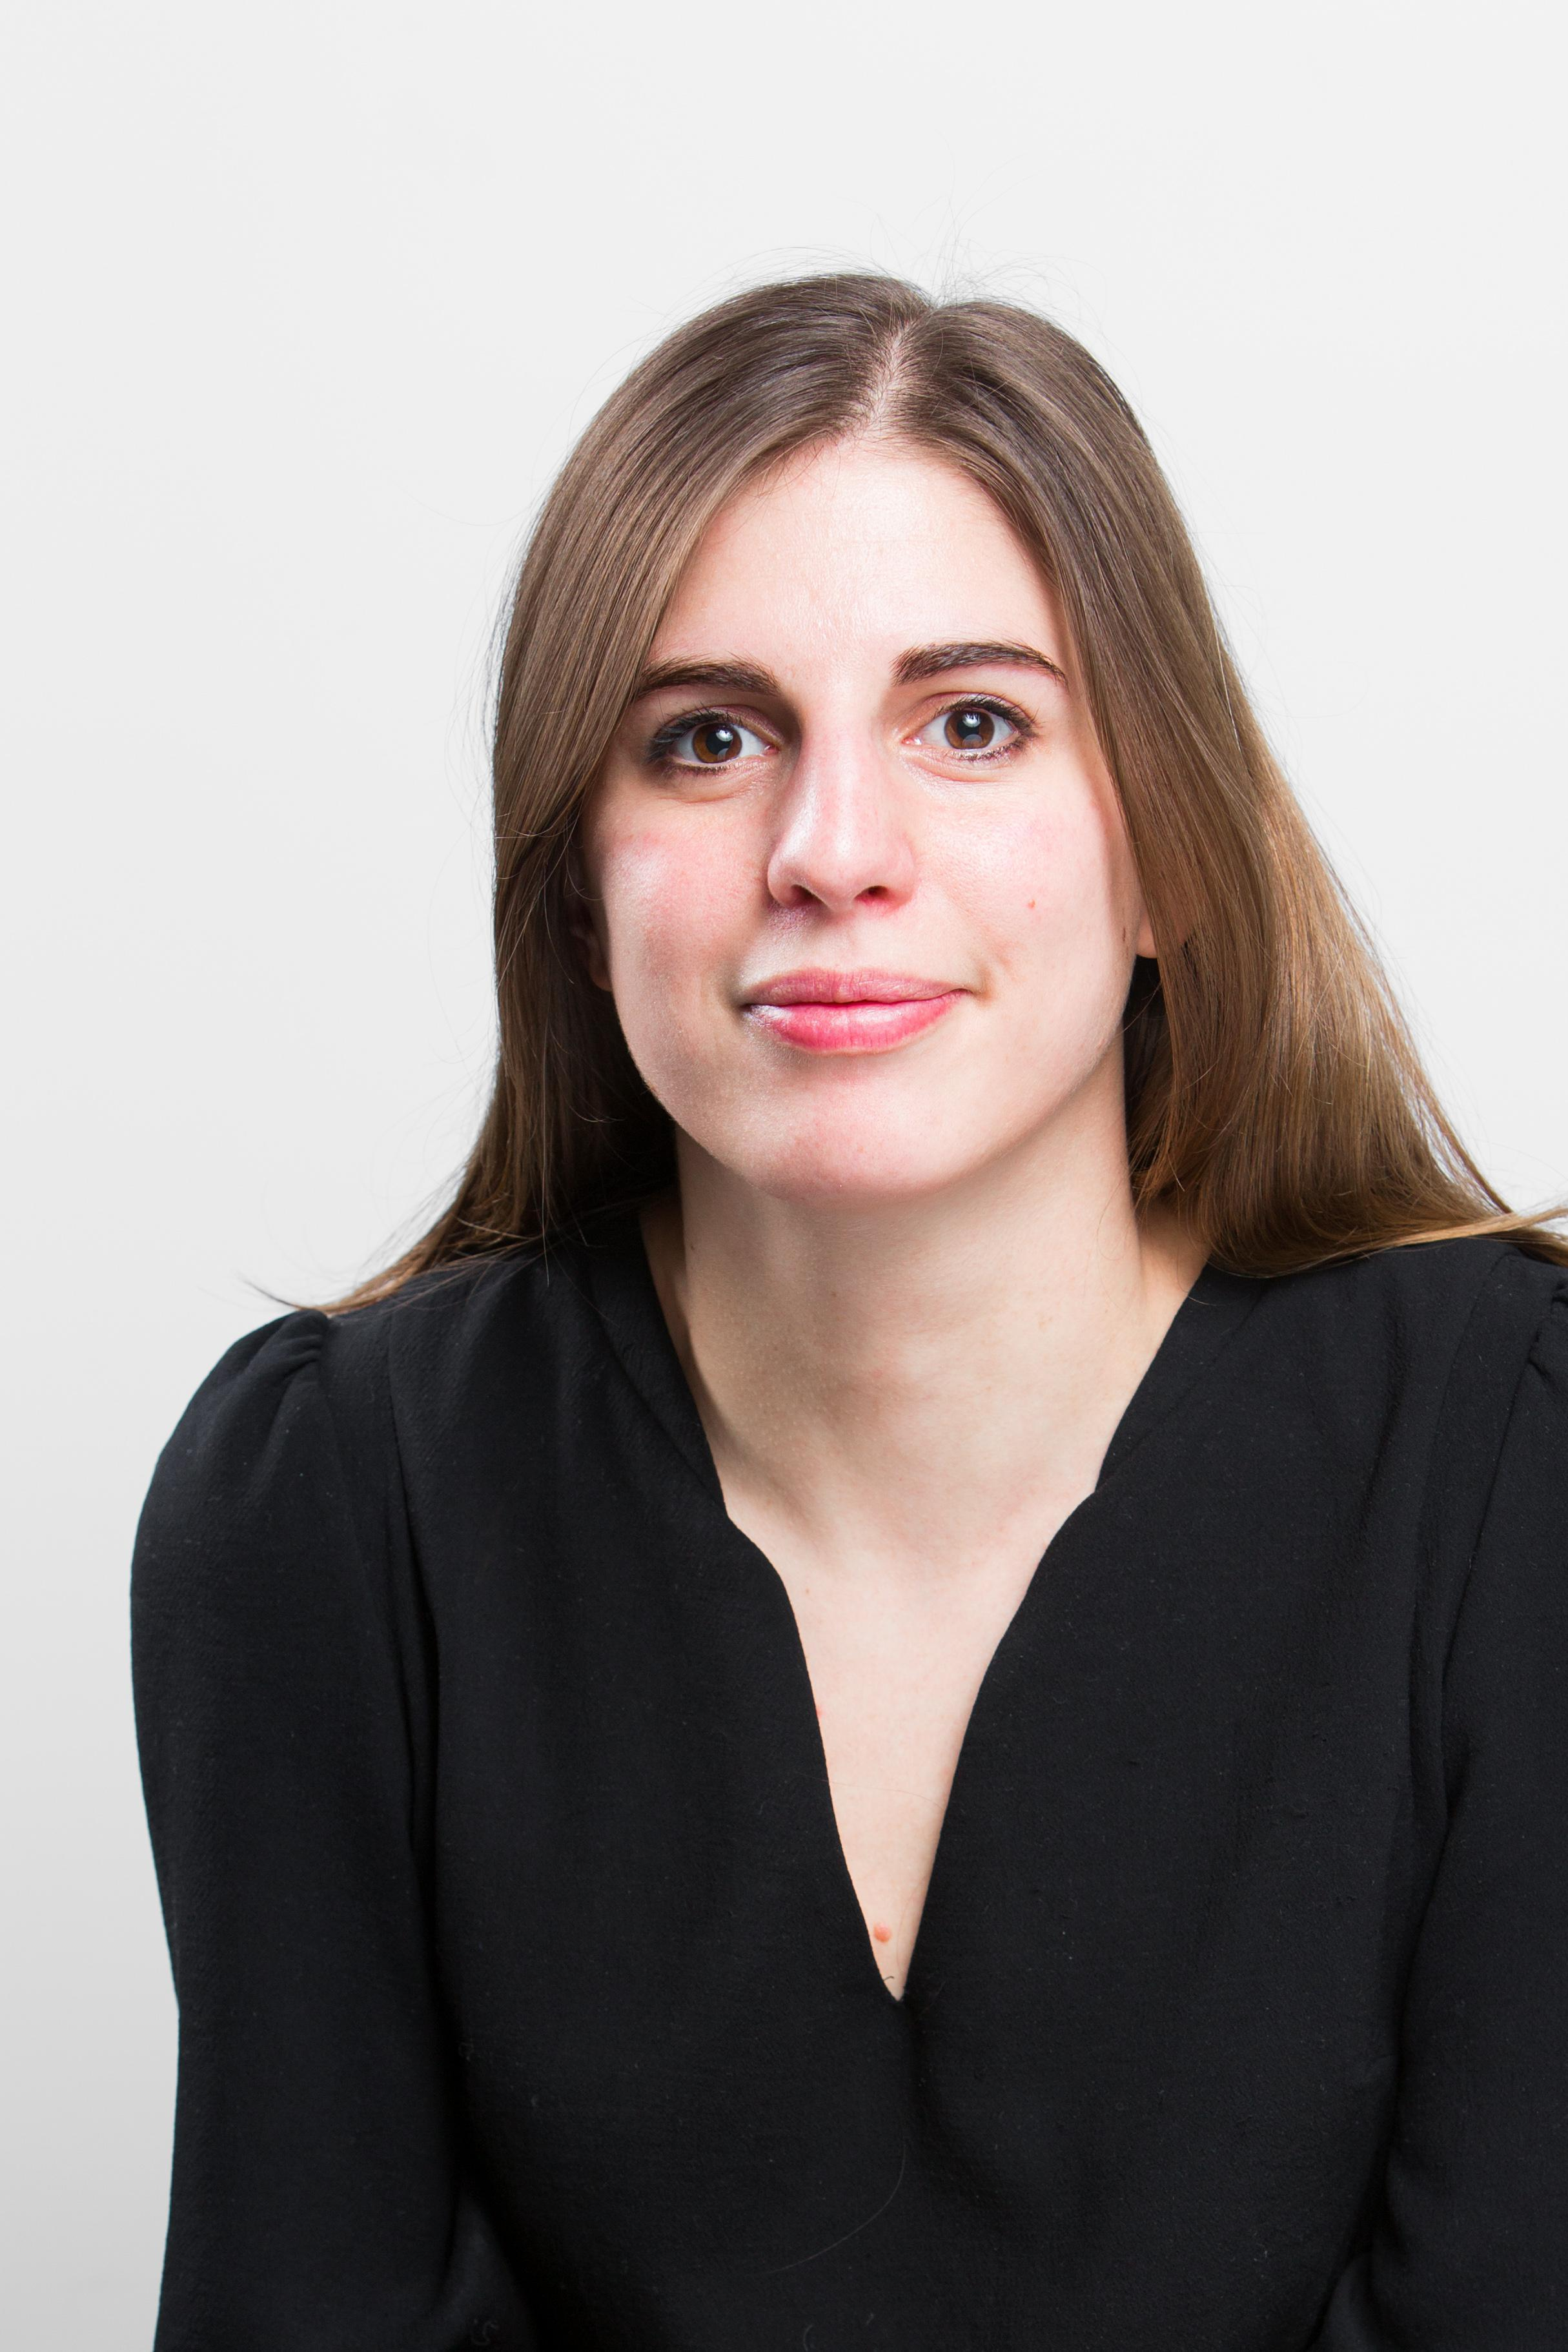 Charlotte Paillet